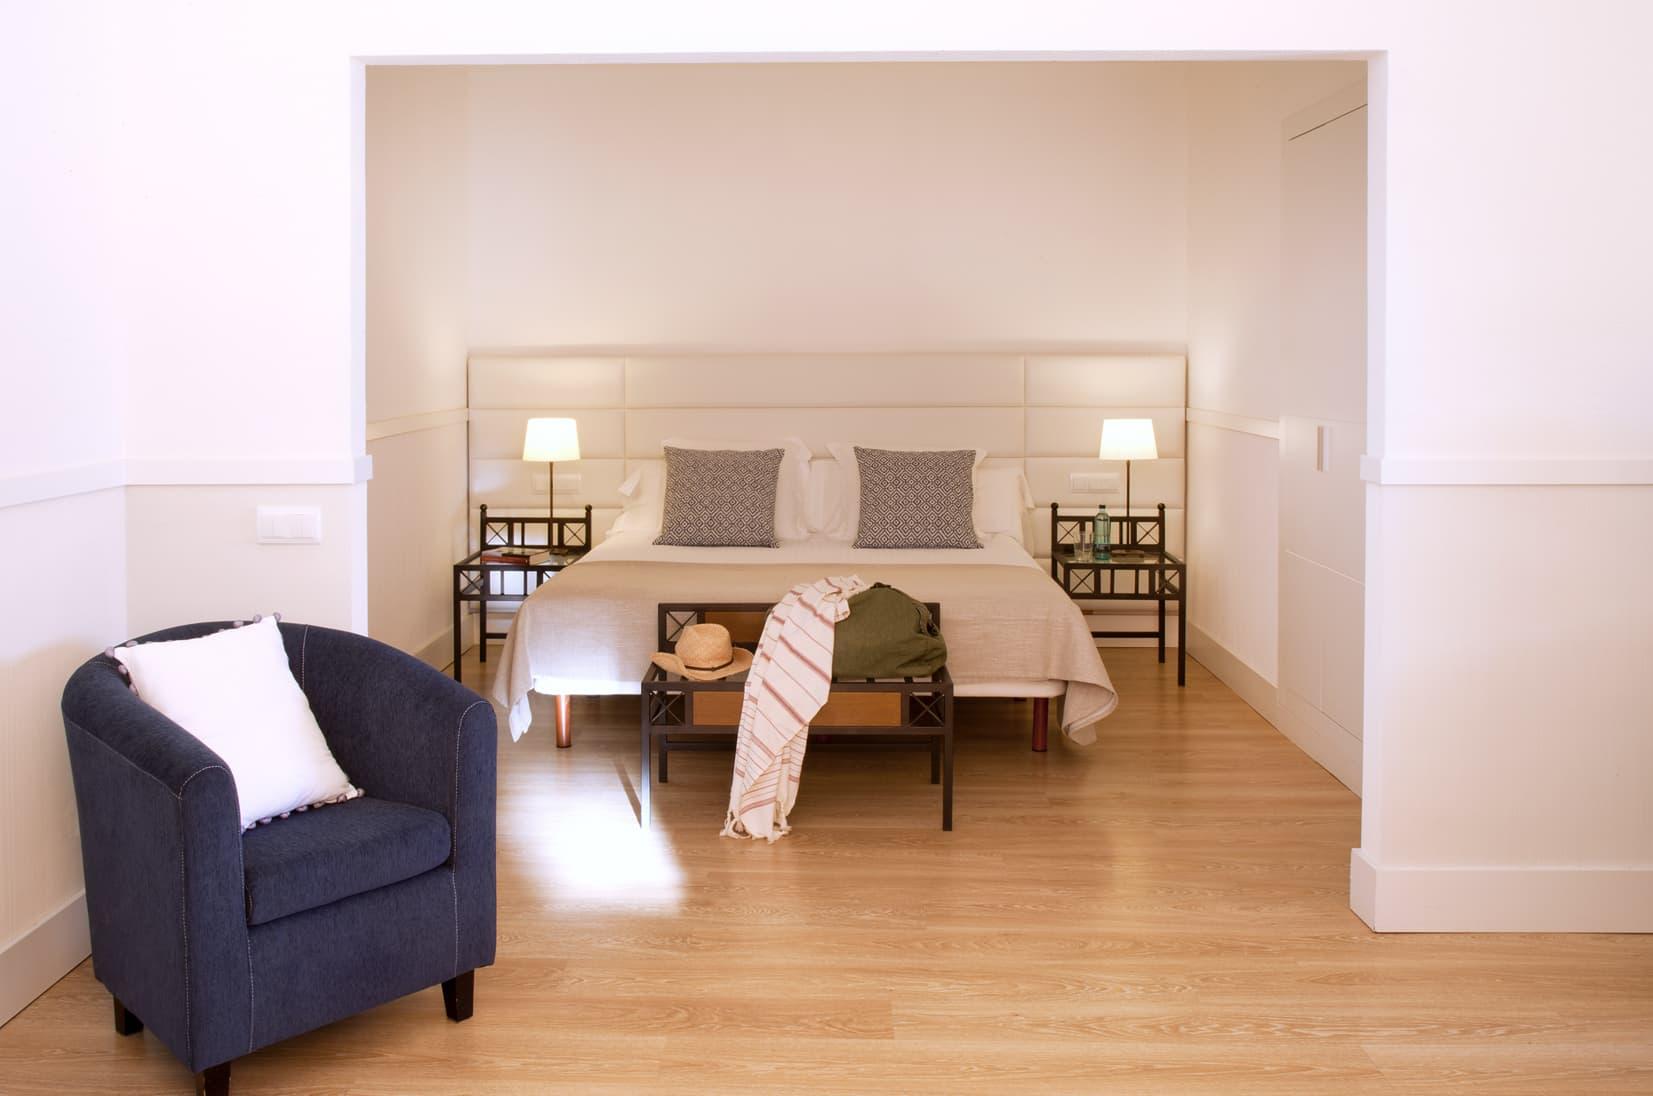 galeria/habitacions/juniorsuite_pbp_dormitori.jpg